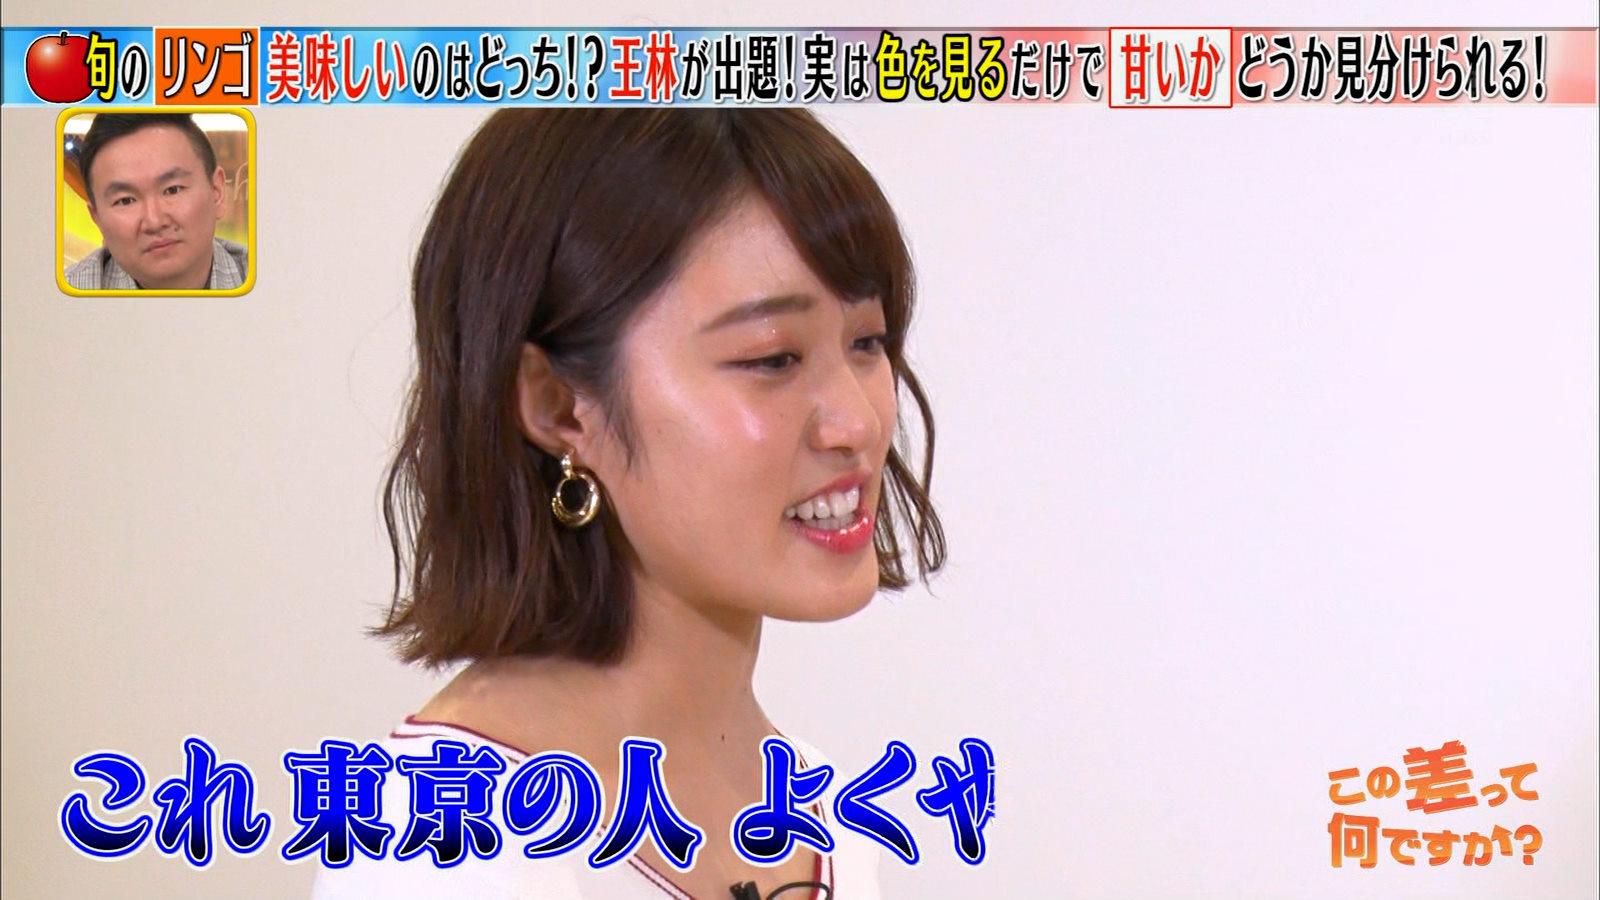 王林_おっぱい_横乳_テレビキャプ画像_11